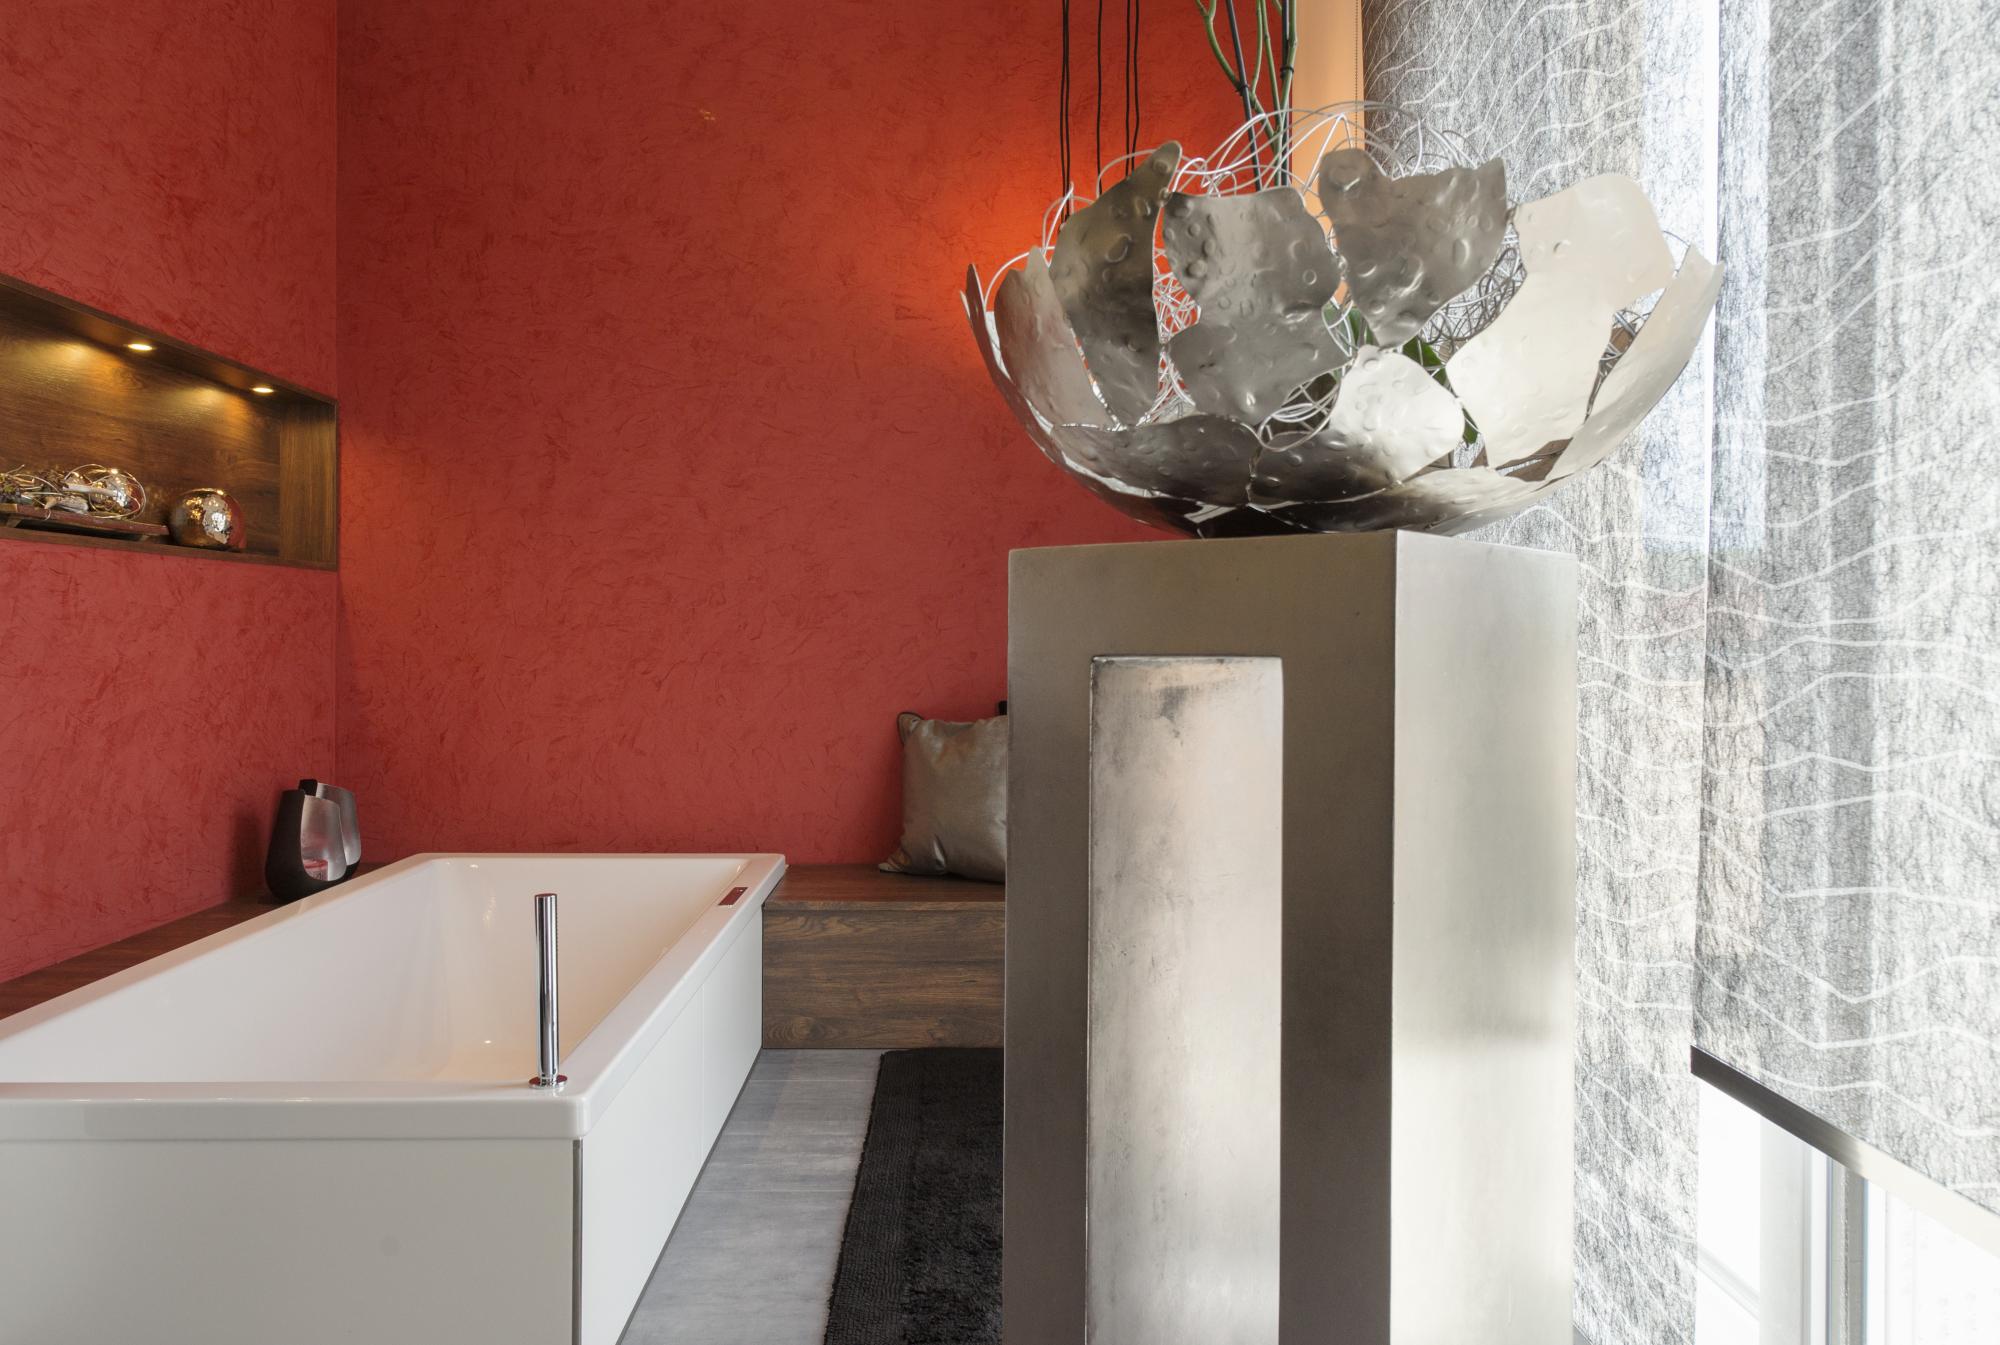 www.ideenraumgeben.de-exklusives-bad-mit-viel-wohlfuehlfaktor-badewanne